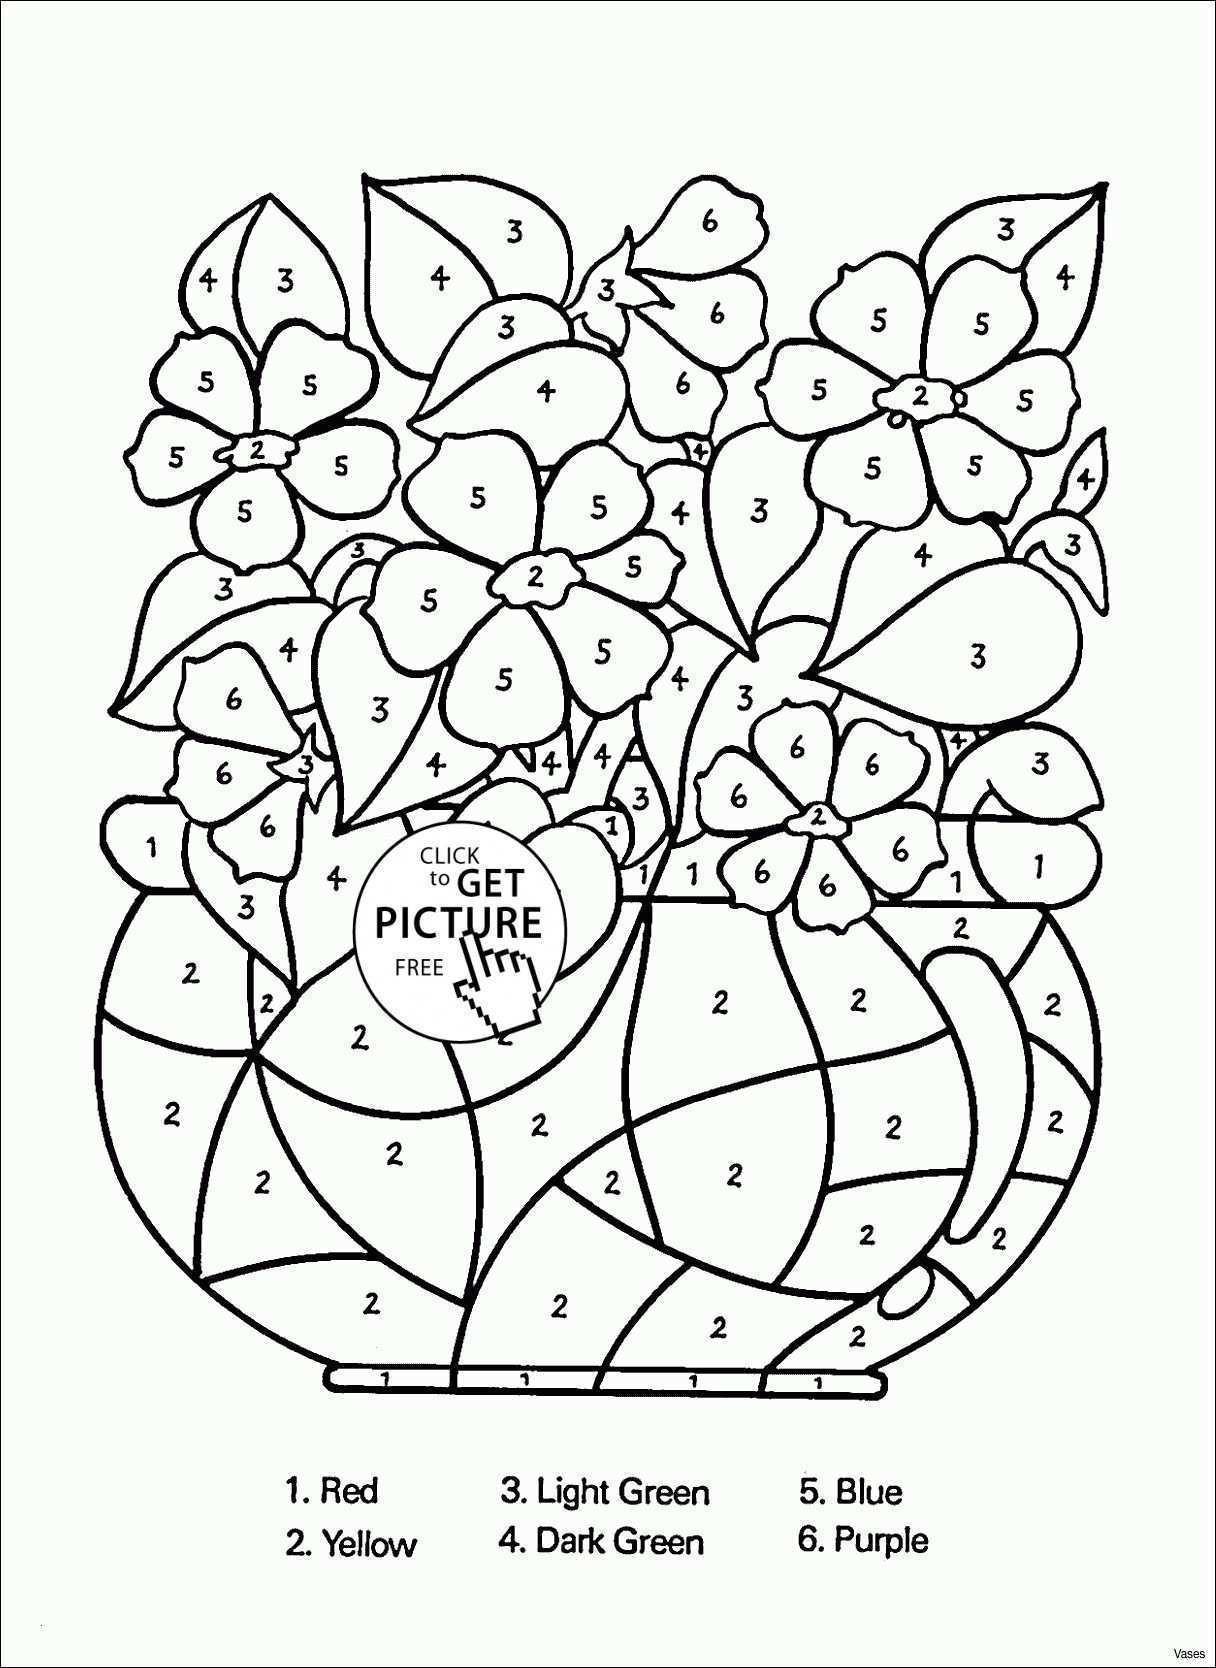 Micky Maus Malvorlagen Einzigartig Micky Maus Zum Ausmalen Image Minnie Mouse Malvorlagen Schön Sammlung